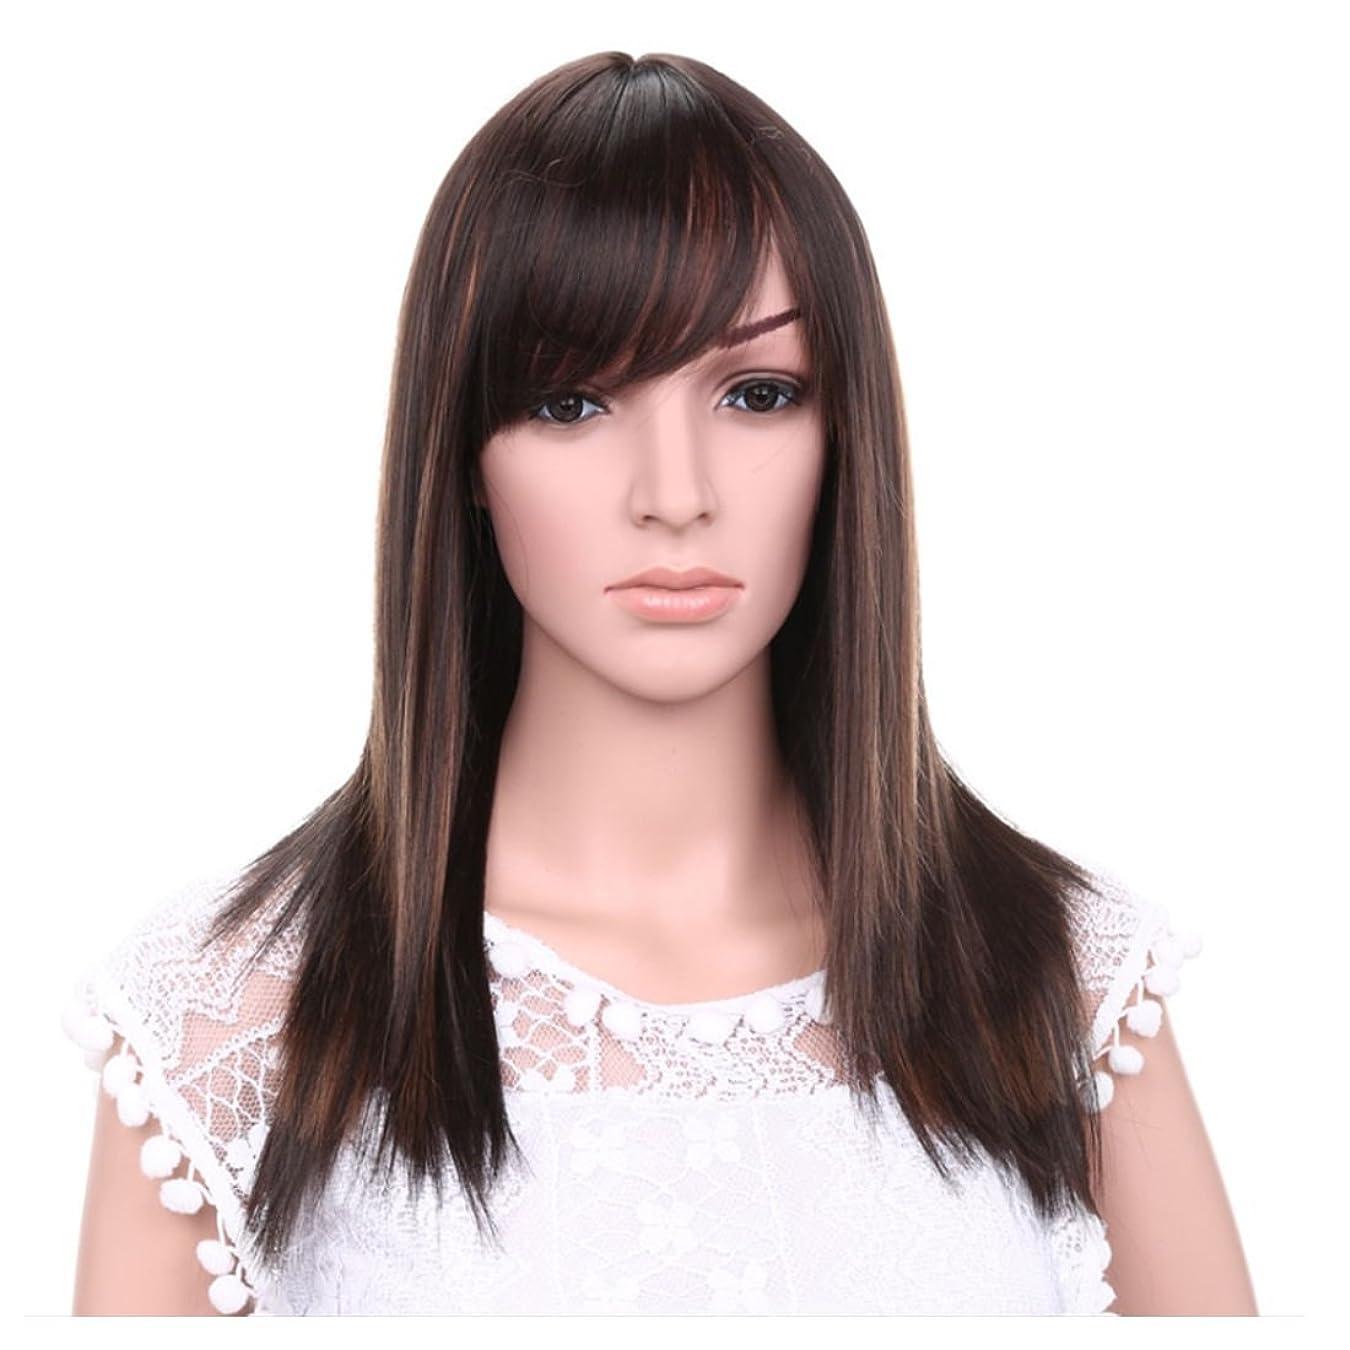 パキスタン人サドル楽しませるDoyvanntgo 女性のための21inchロングストレートウィッグ髪の自然な色茶色の黒のかつらの斜め強打女性のための髪の耐熱性 (Color : Brownish black highlight)